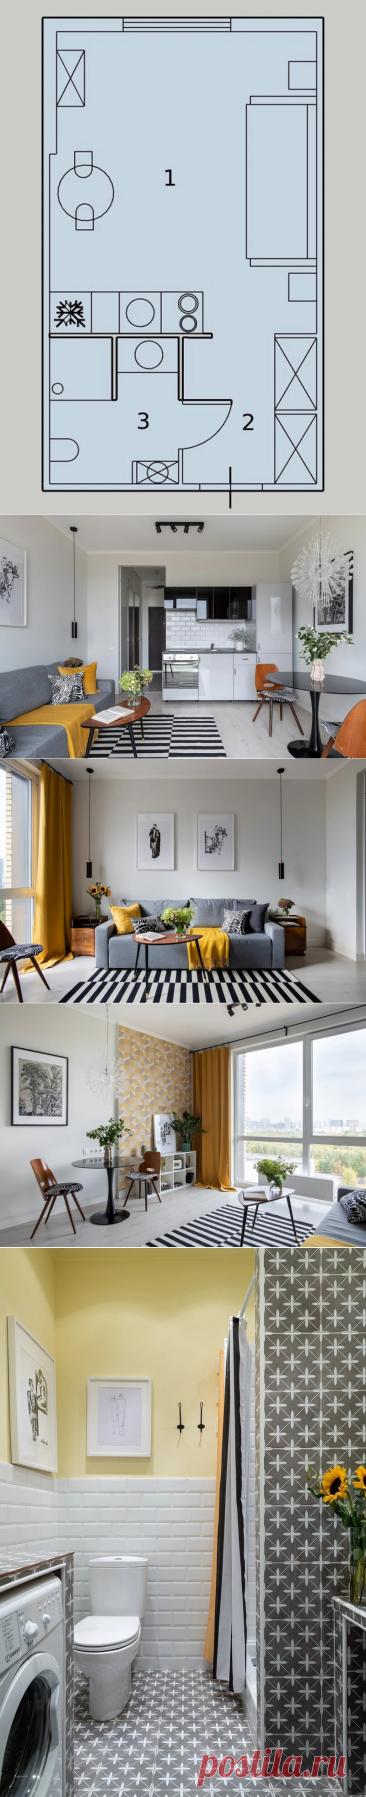 Как дизайнер оформила студию 25 м² для сдачи в аренду за 600 тысяч рублей: планировка до и после | Филдс | Яндекс Дзен